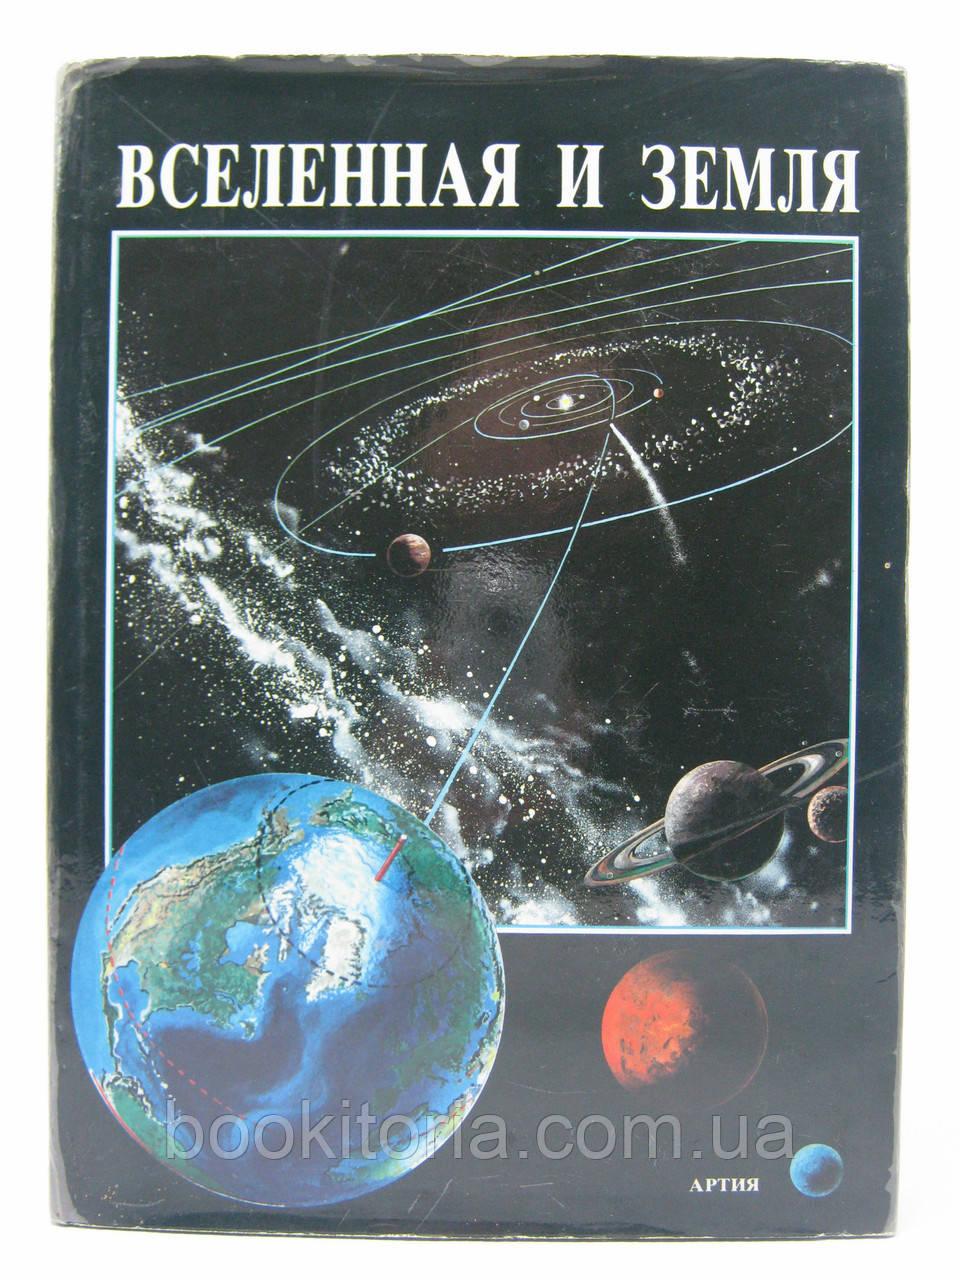 Клечек Й., Якеш П. Вселенная и Земля (б/у).